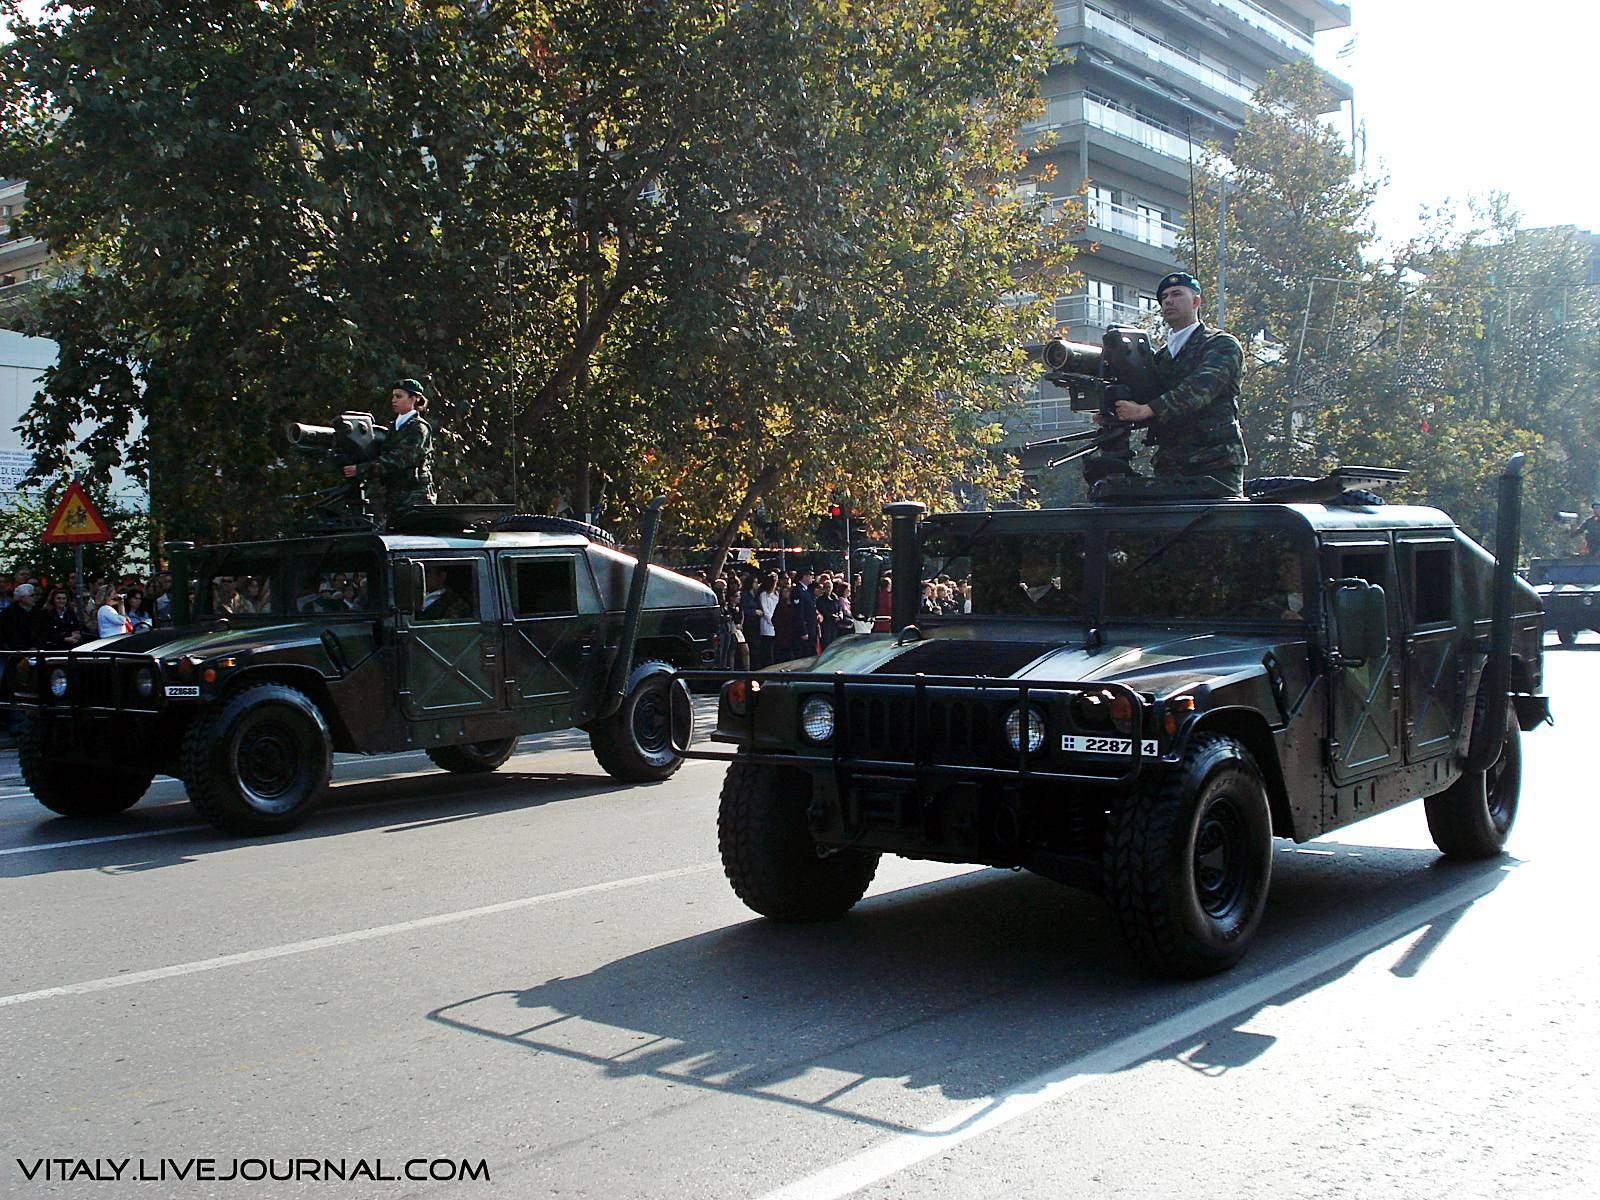 Exército Grego - Humvee com plataforma de tiro de mísseis